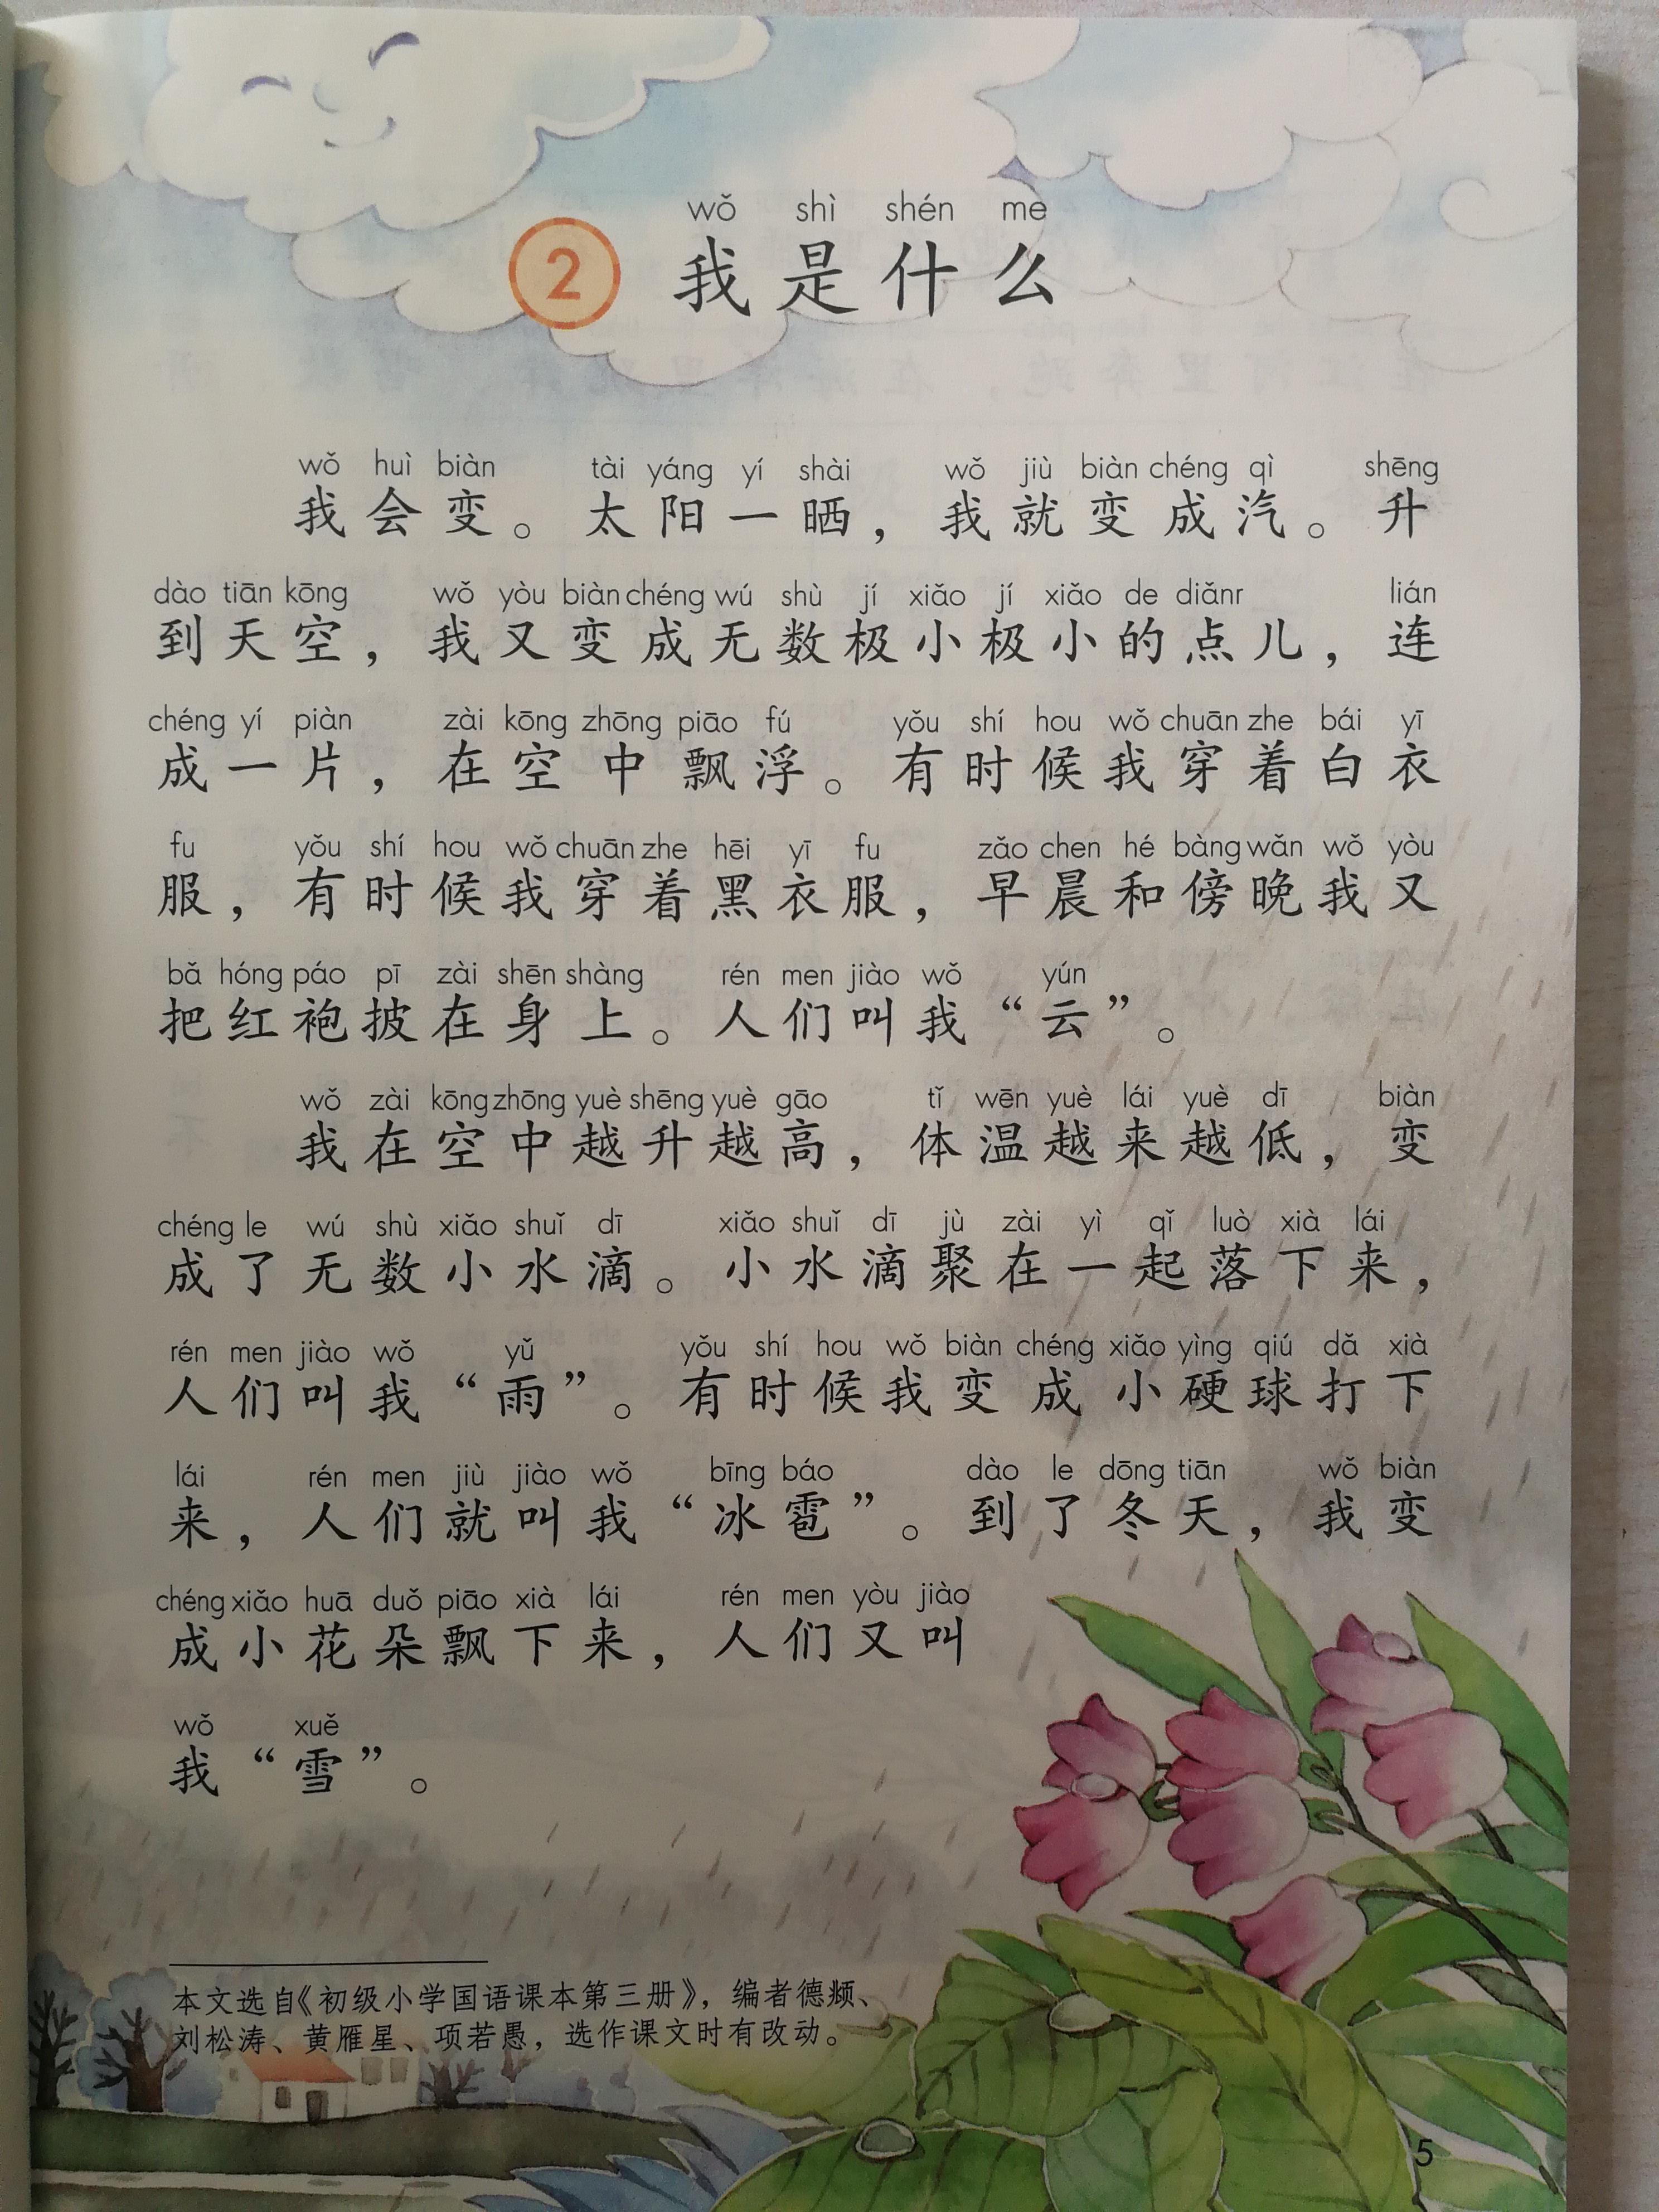 """摘抄课文的四字词语,并选三四个写一段话,介绍维吾尔人的特点(图4)  摘抄课文的四字词语,并选三四个写一段话,介绍维吾尔人的特点(图6)  摘抄课文的四字词语,并选三四个写一段话,介绍维吾尔人的特点(图11)  摘抄课文的四字词语,并选三四个写一段话,介绍维吾尔人的特点(图15)  摘抄课文的四字词语,并选三四个写一段话,介绍维吾尔人的特点(图17)  摘抄课文的四字词语,并选三四个写一段话,介绍维吾尔人的特点(图19) 为了解决用户可能碰到关于""""摘抄课文的四字词语,并选三四个写一段话,介绍维吾尔人的"""